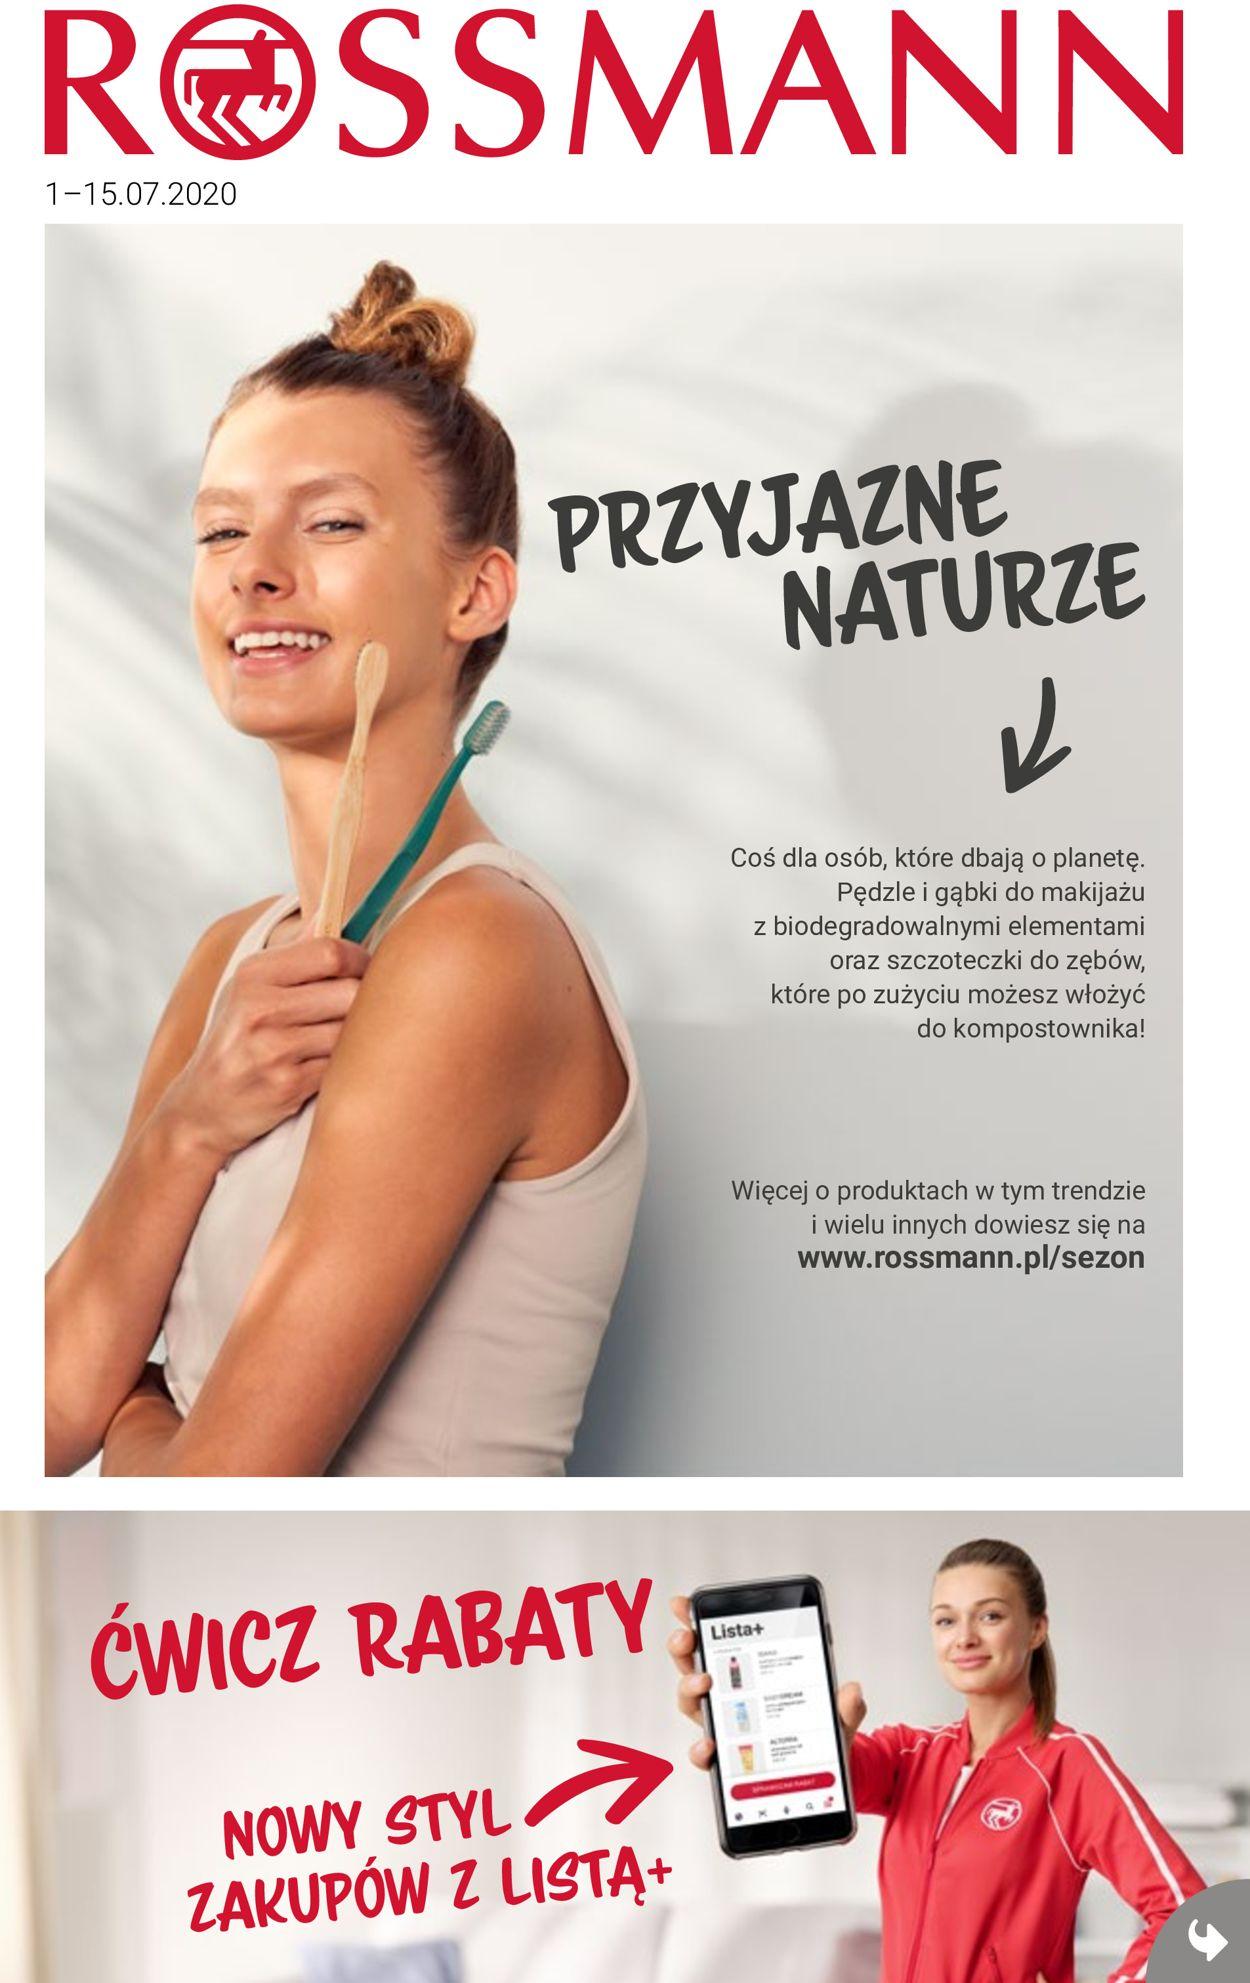 Gazetka promocyjna Rossmann - 01.07-15.07.2020